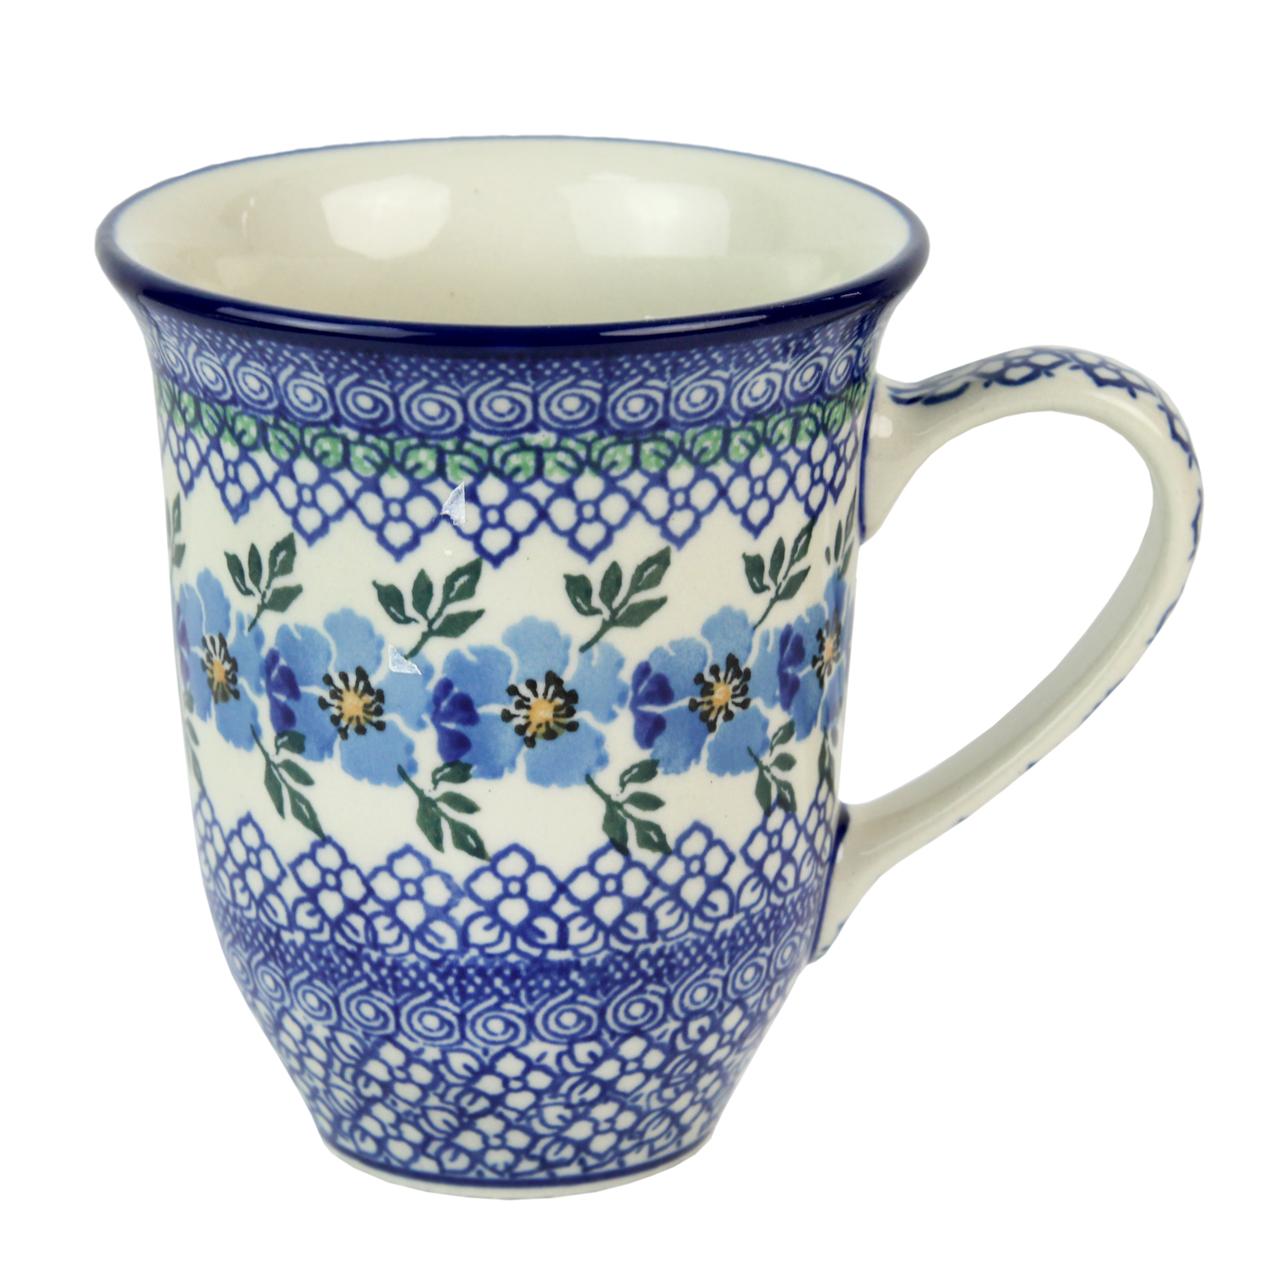 Cana Din Ceramica Cu Flori Albastre 12 Cm